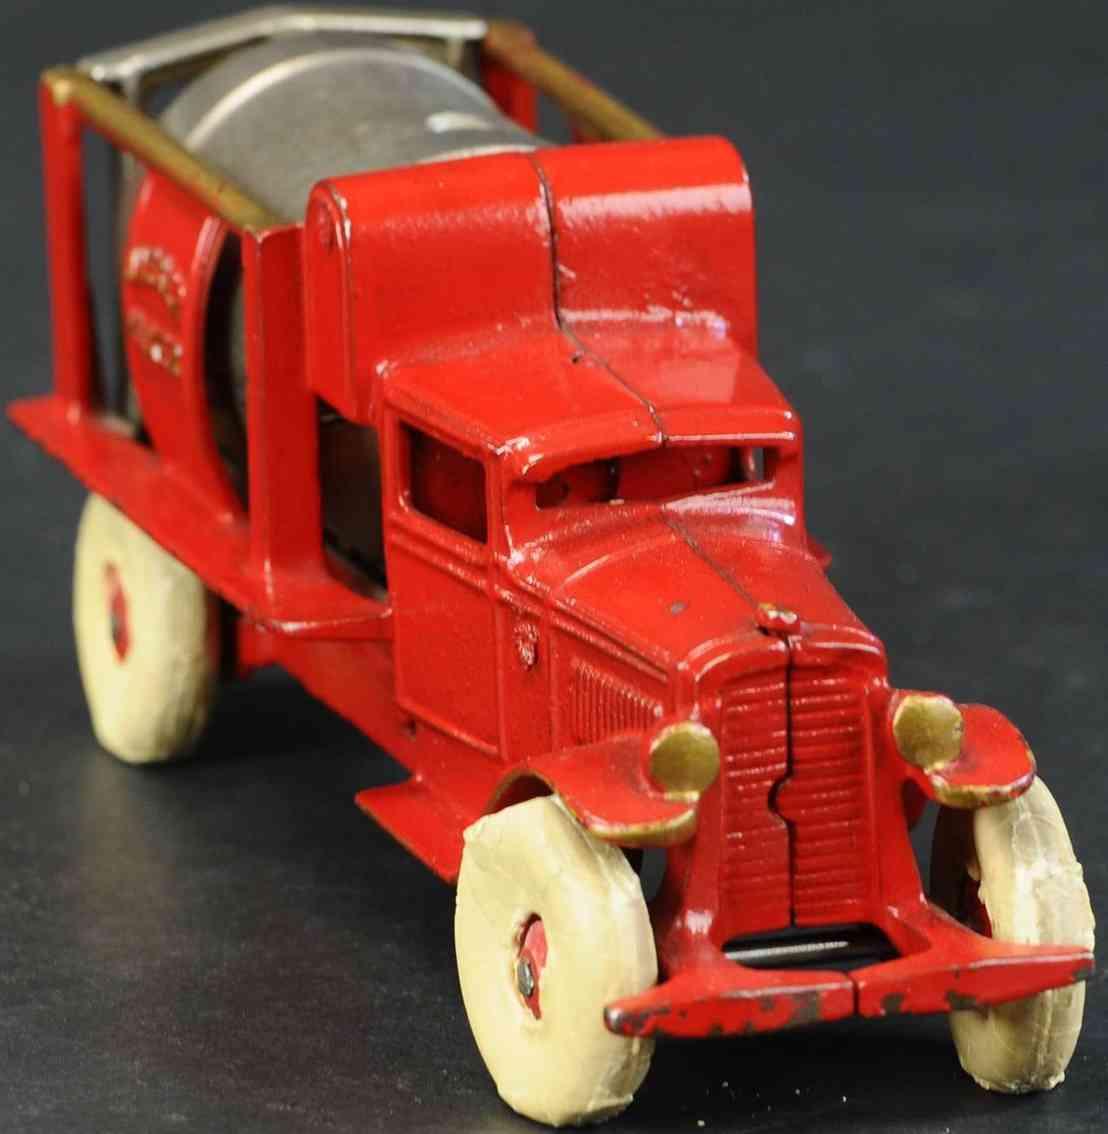 kenton hardware co 657r  spielzeug gusseisen jaeger zementmischwagen  rot